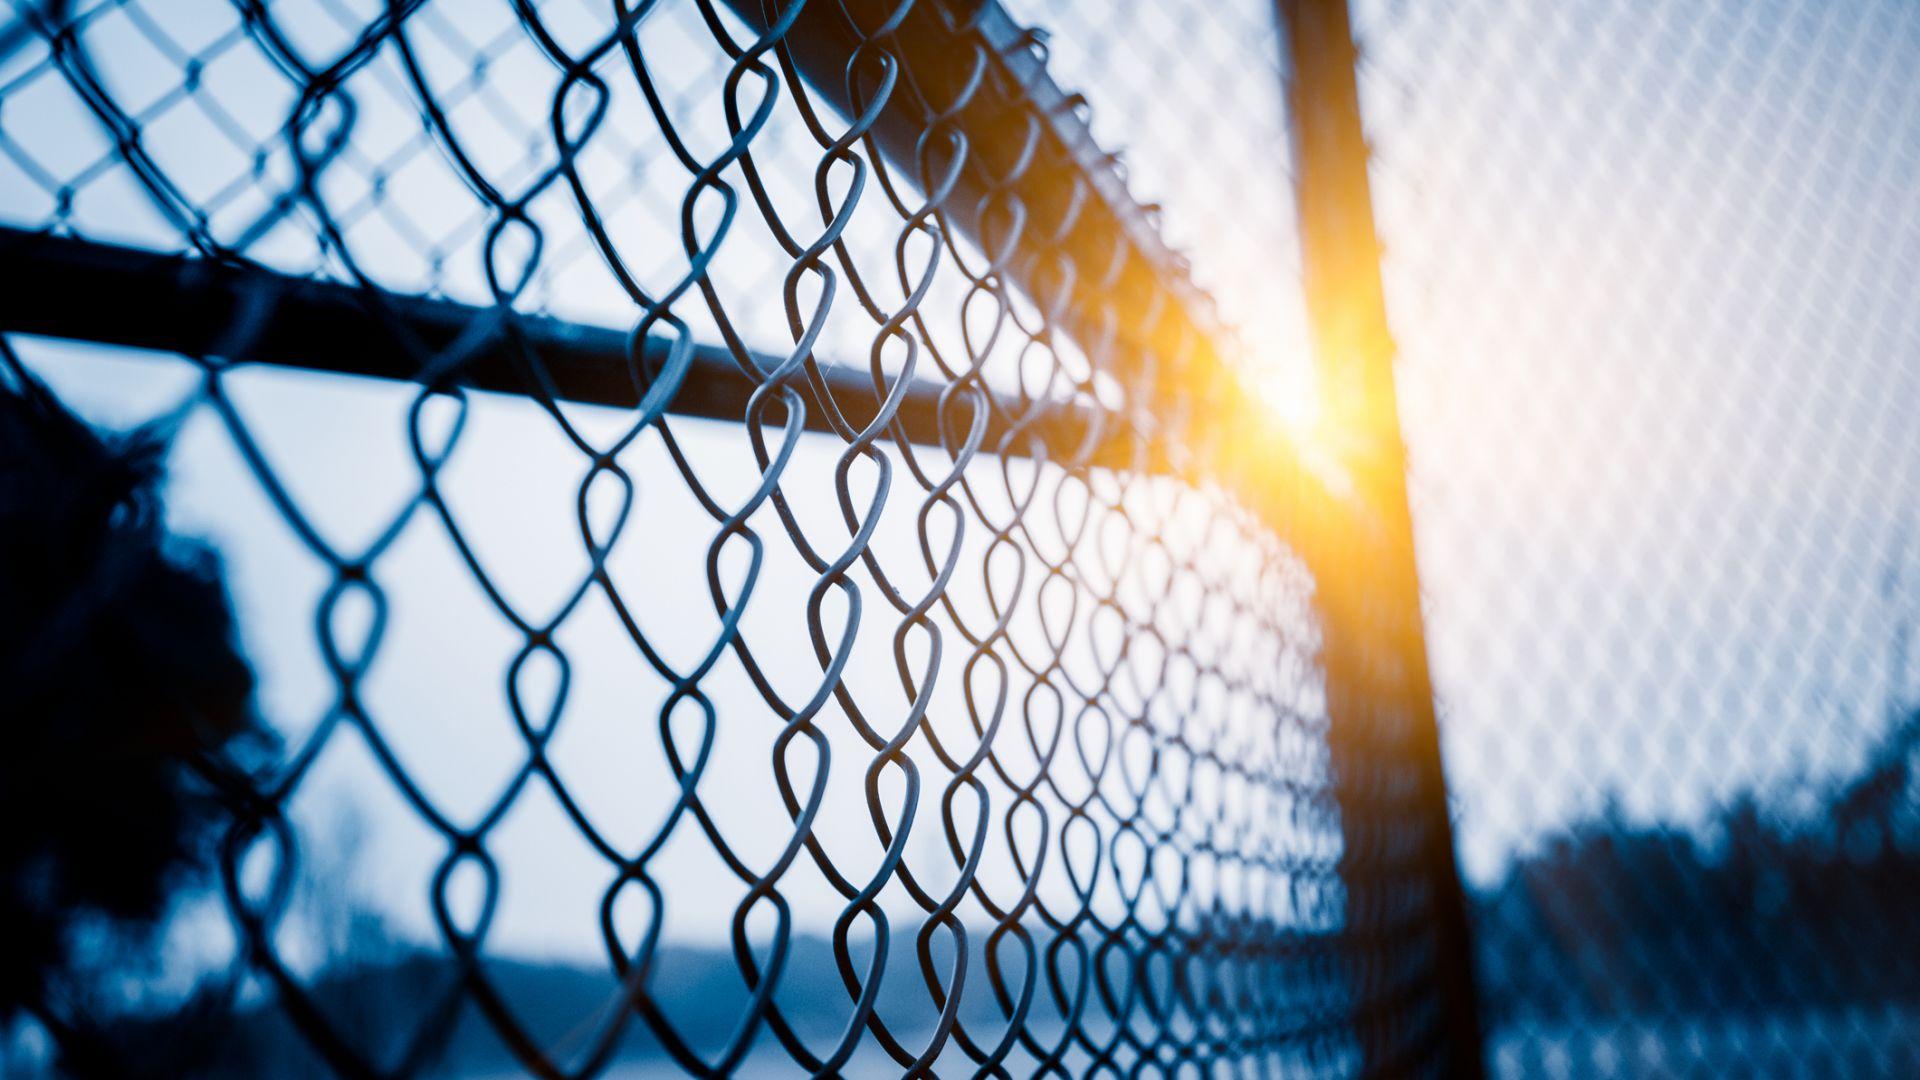 Жители на столичен блок оградиха чужда земя и сложиха врата с чип